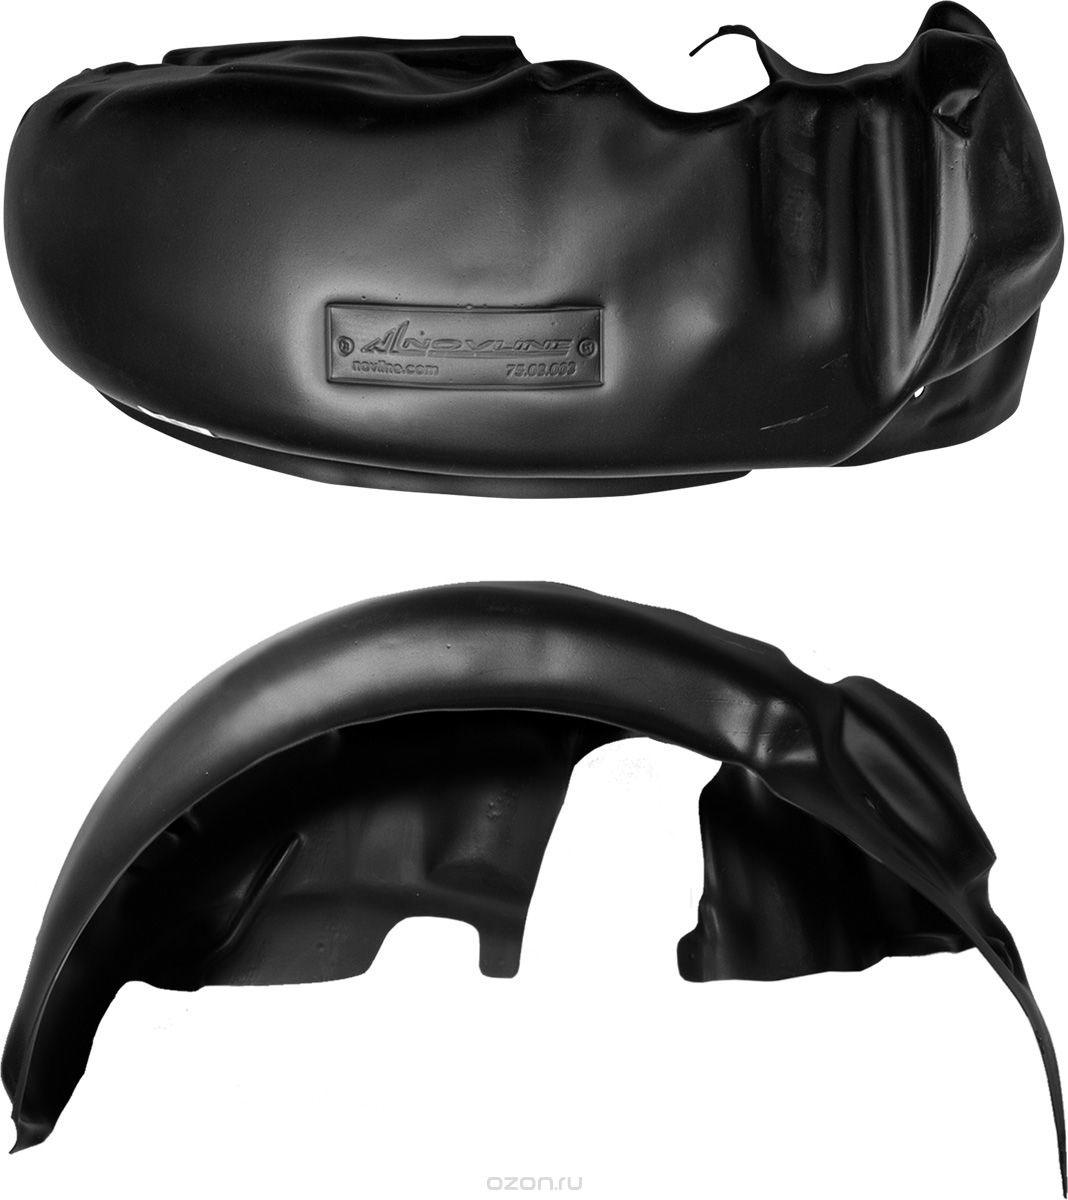 Подкрылок Novline-Autofamily, для Brilliance H530, 06/2014->, передний правыйNLL.95.03.002Идеальная защита колесной ниши. Локеры разработаны с применением цифровых технологий, гарантируют максимальную повторяемость поверхности арки. Изделия устанавливаются без нарушения лакокрасочного покрытия автомобиля, каждый подкрылок комплектуется крепежом. Уважаемые клиенты, обращаем ваше внимание, что фотографии на подкрылки универсальные и не отражают реальную форму изделия. При этом само изделие идет точно под размер указанного автомобиля.